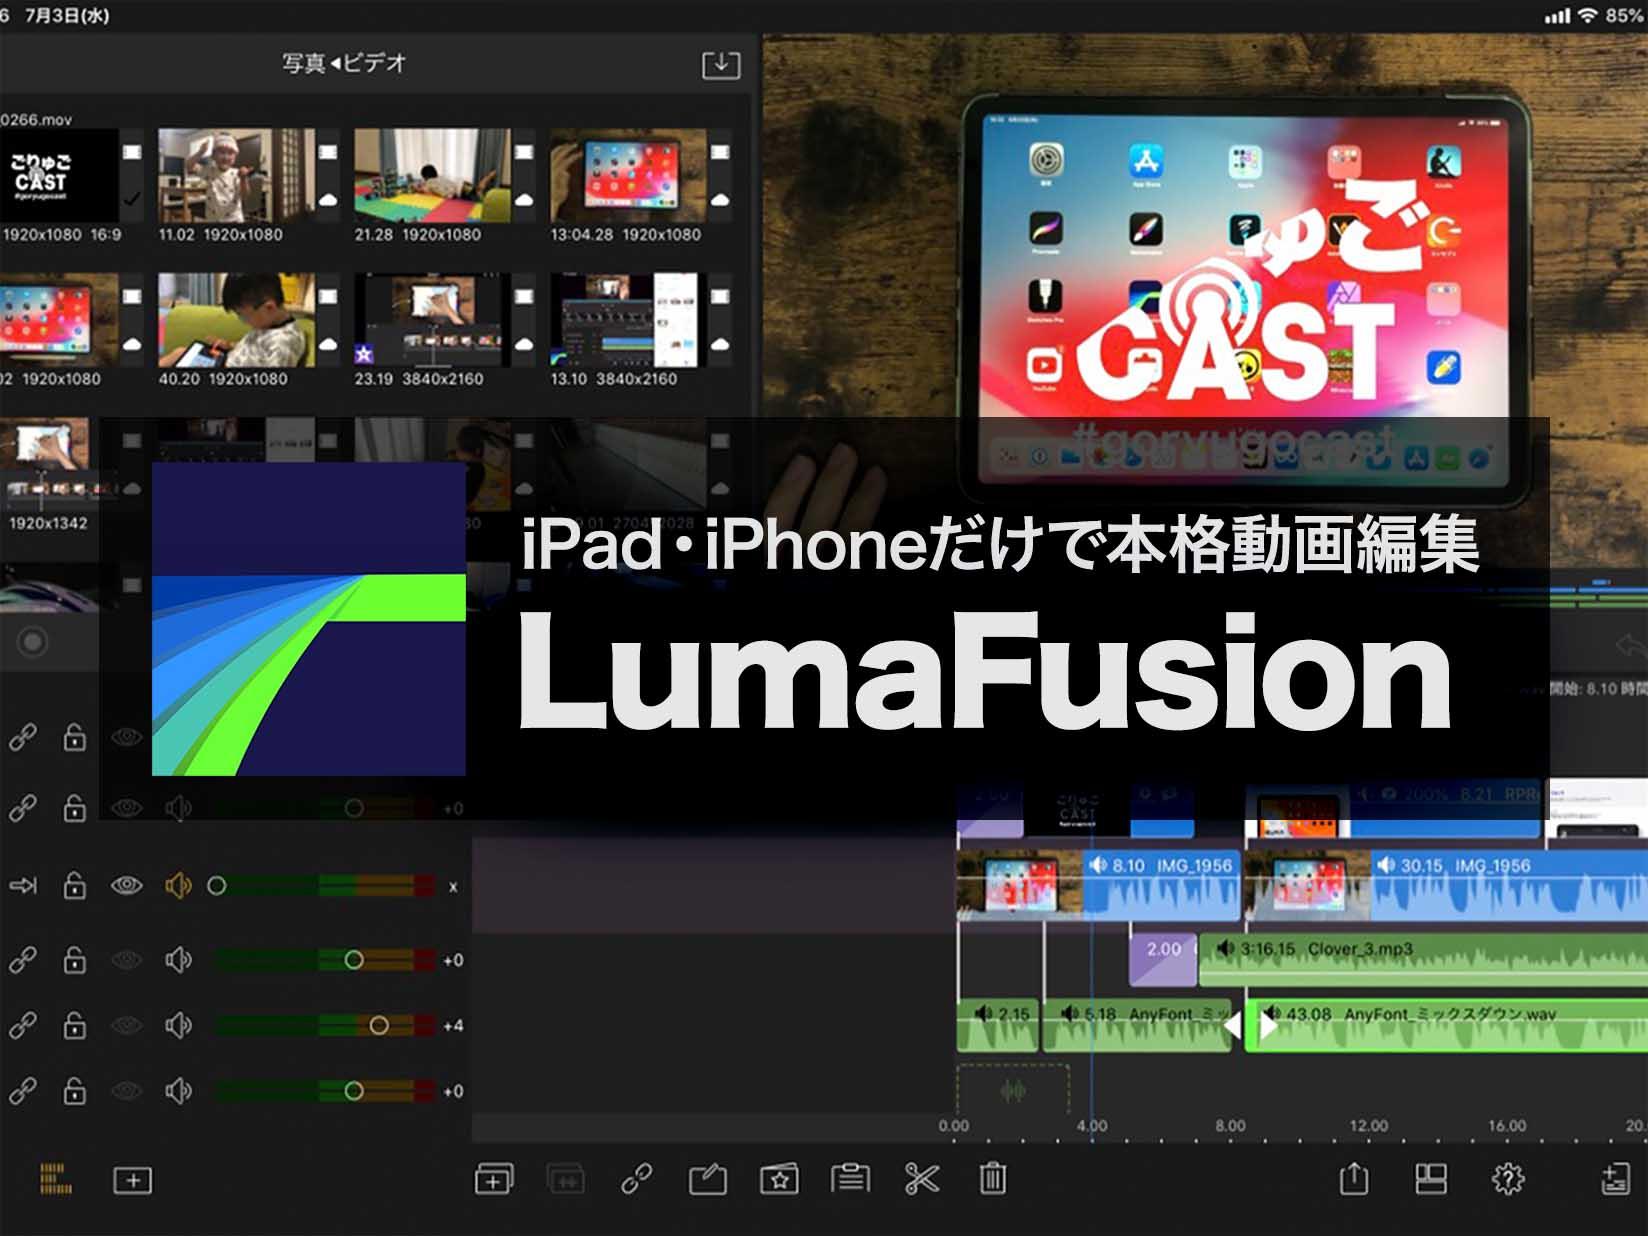 iPadのLumaFusionアプリは動画編集がとっても簡単で高機能なアプリ